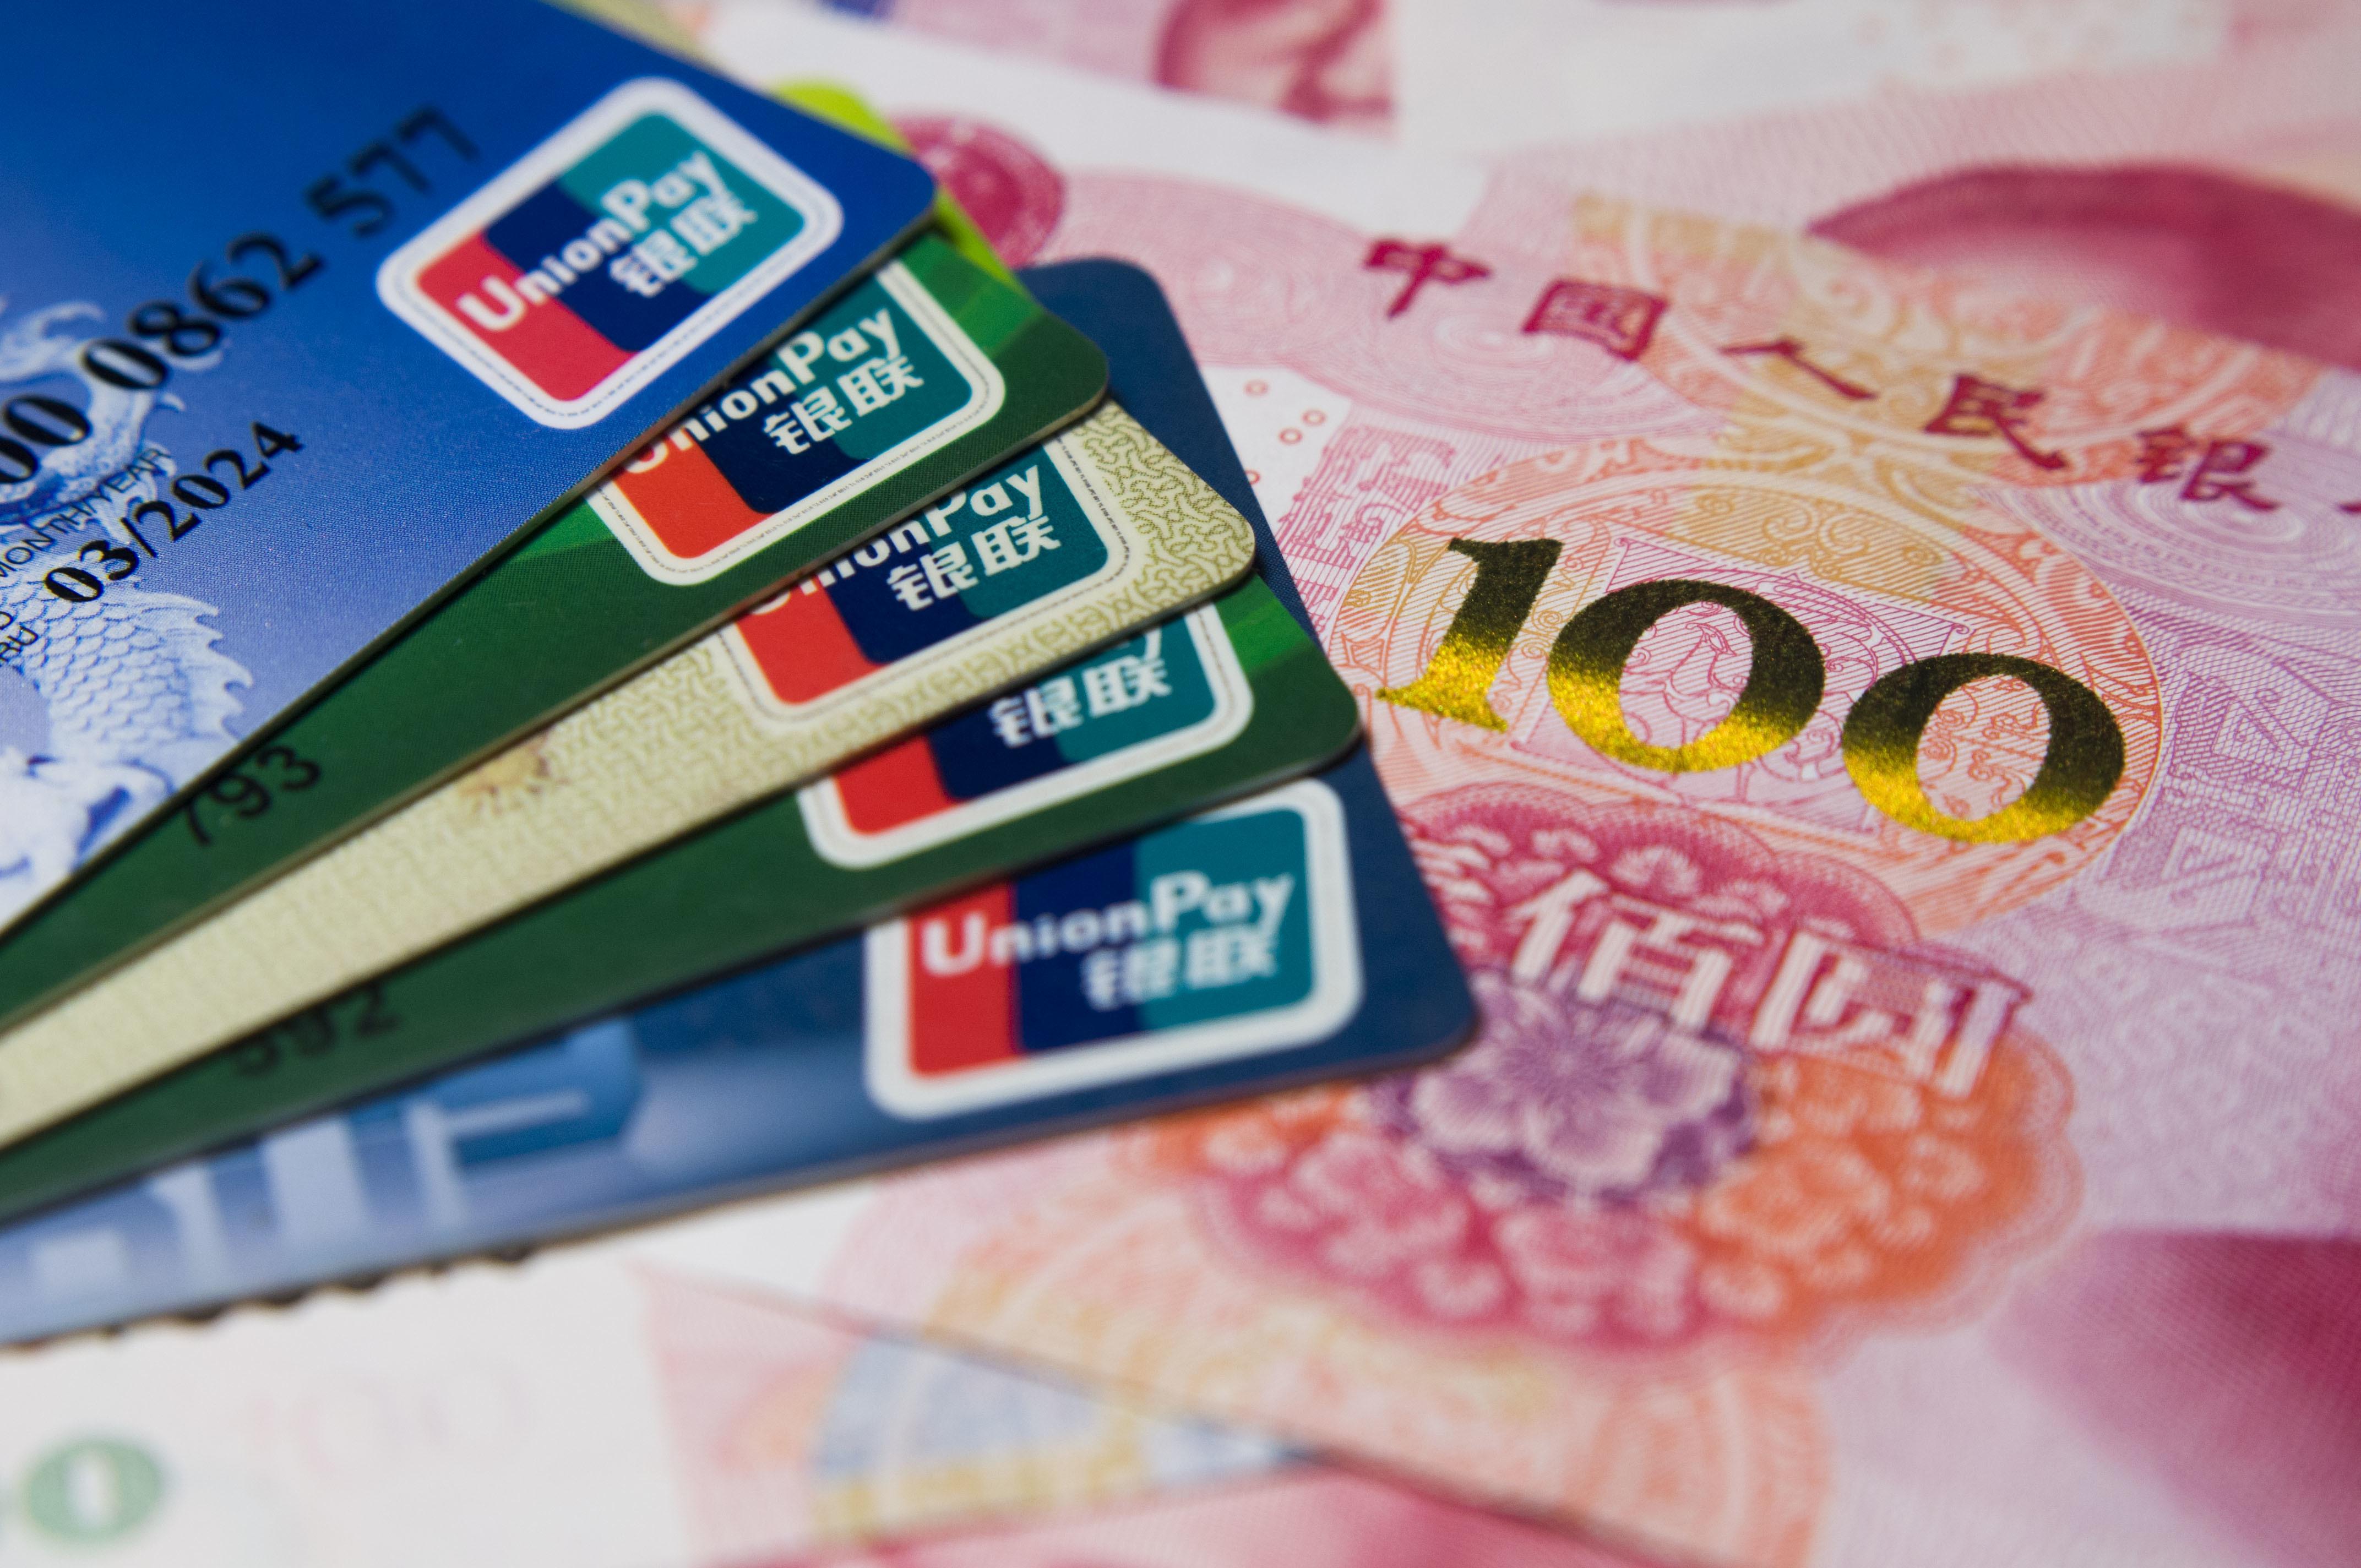 关于信用卡还款,哪些事银行不愿意告诉你?